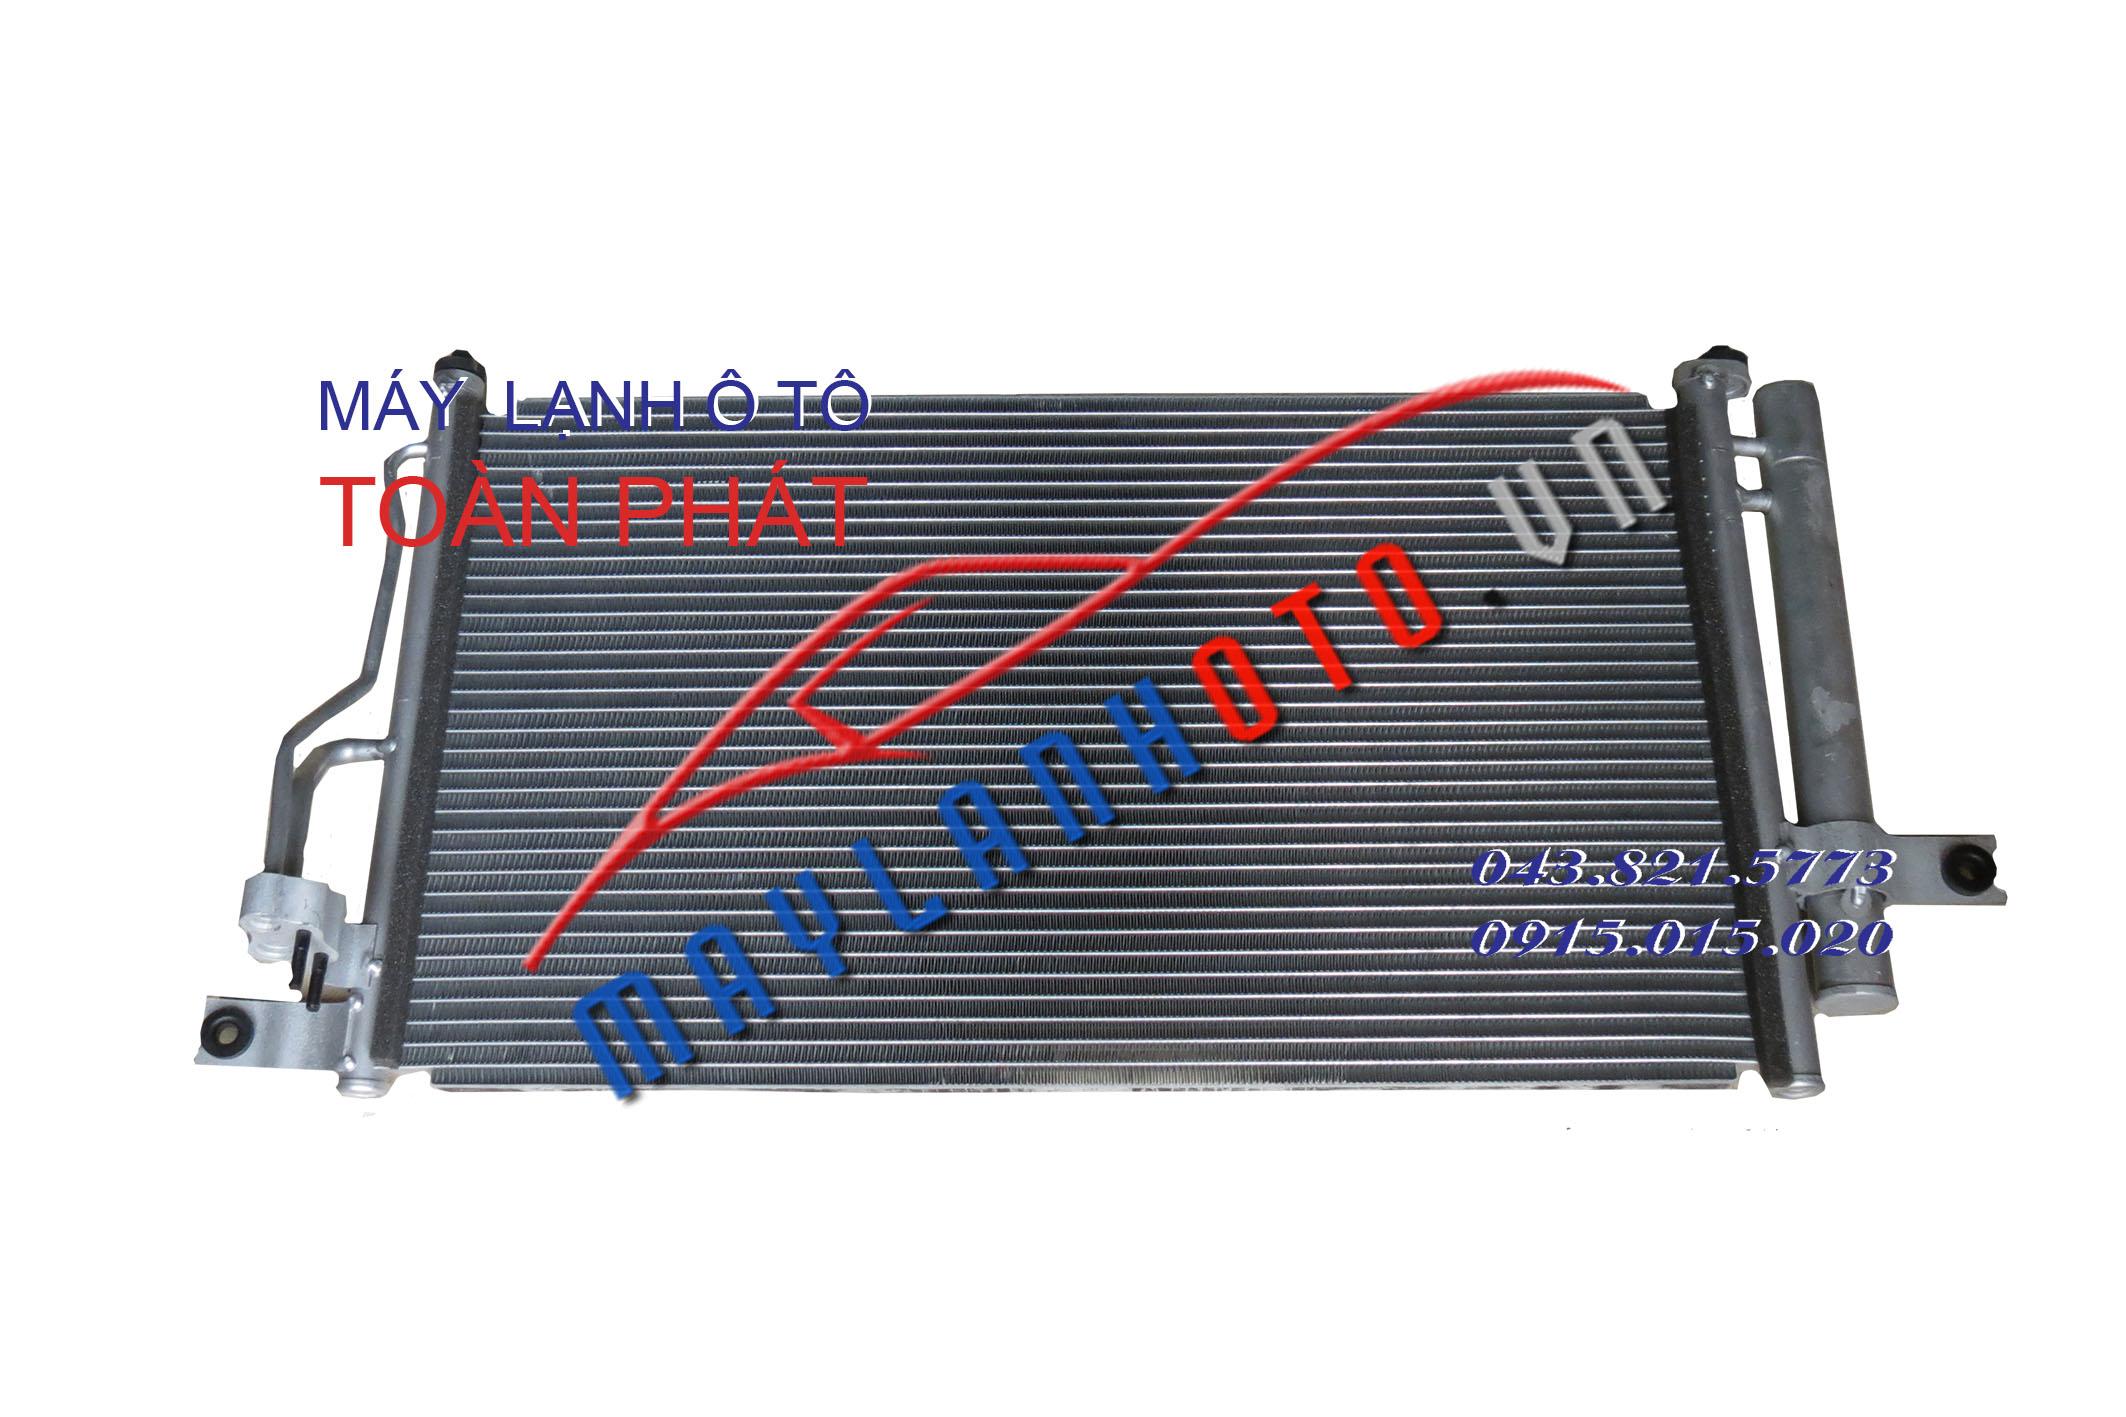 New Verna / Giàn nóng điều hòa Hyundai New Verna / Dàn nóng điều hòa Hyundai New Verna